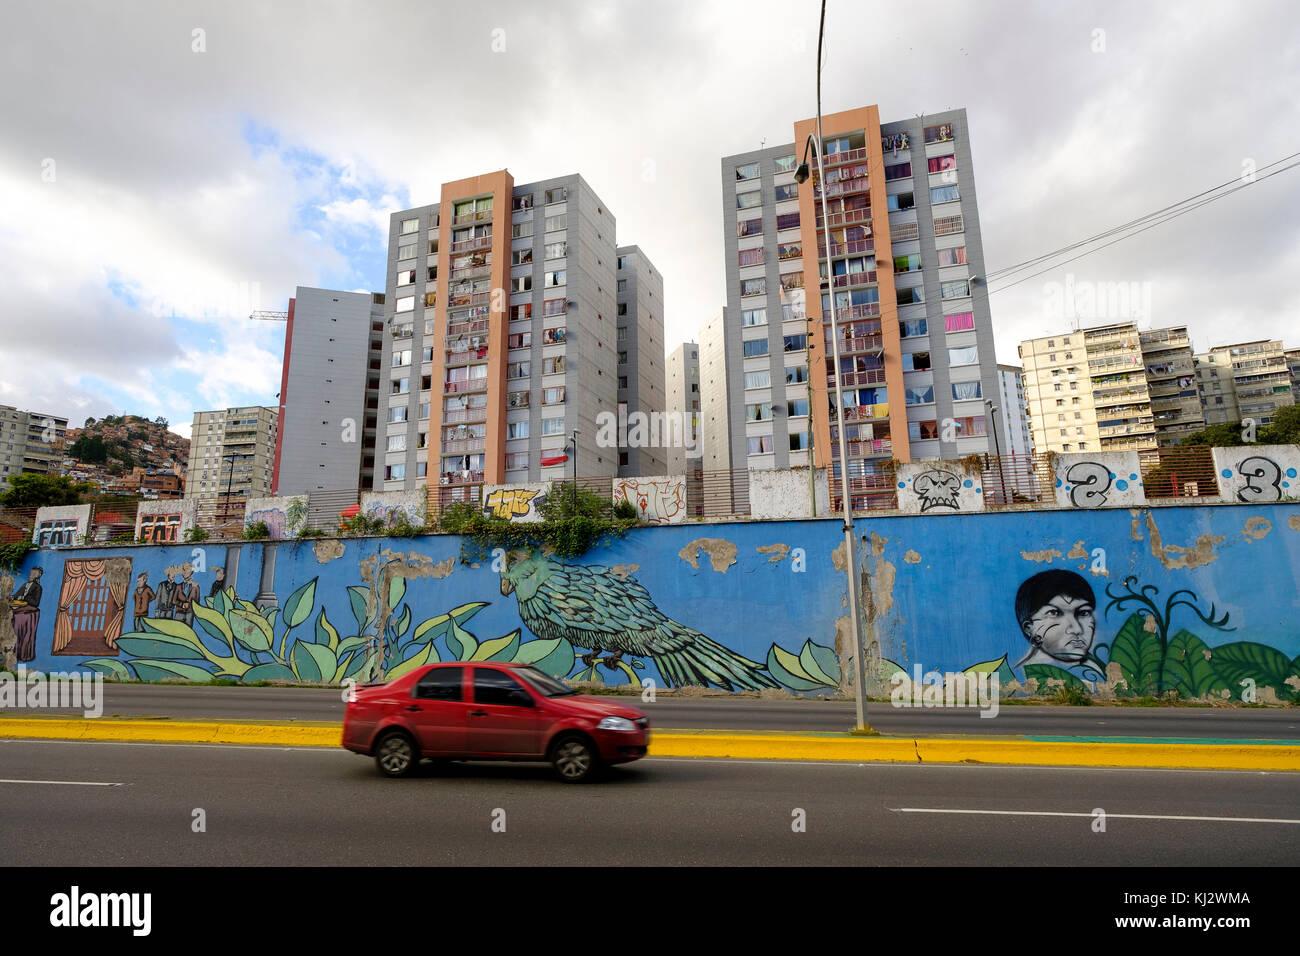 Venezuela, Santiago de Le—n de Caracas: buildings and mural painting - Stock Image